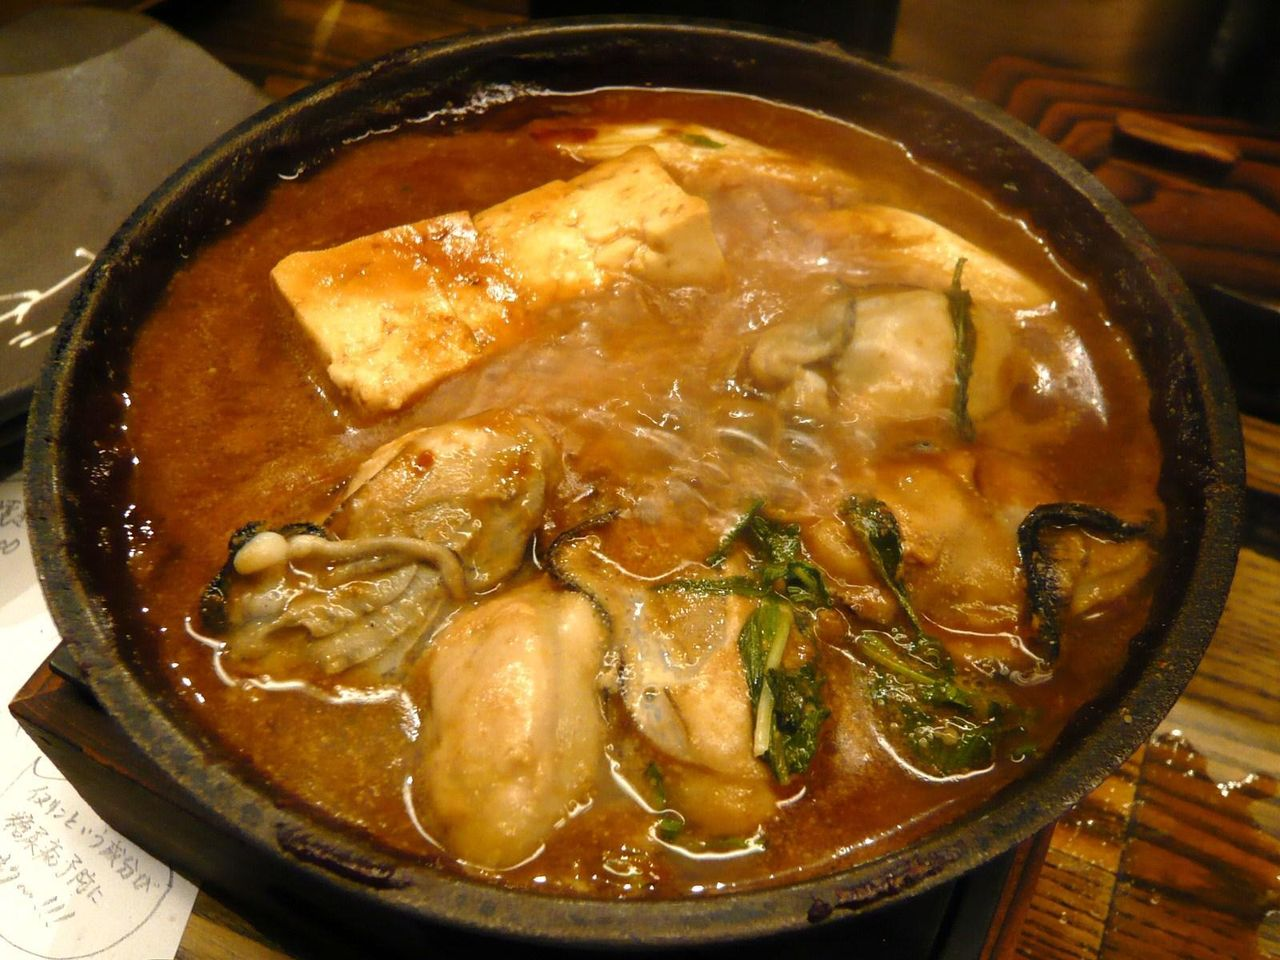 黒味噌で煮込まれた牡蠣が旨い!黒味噌どて焼き980円